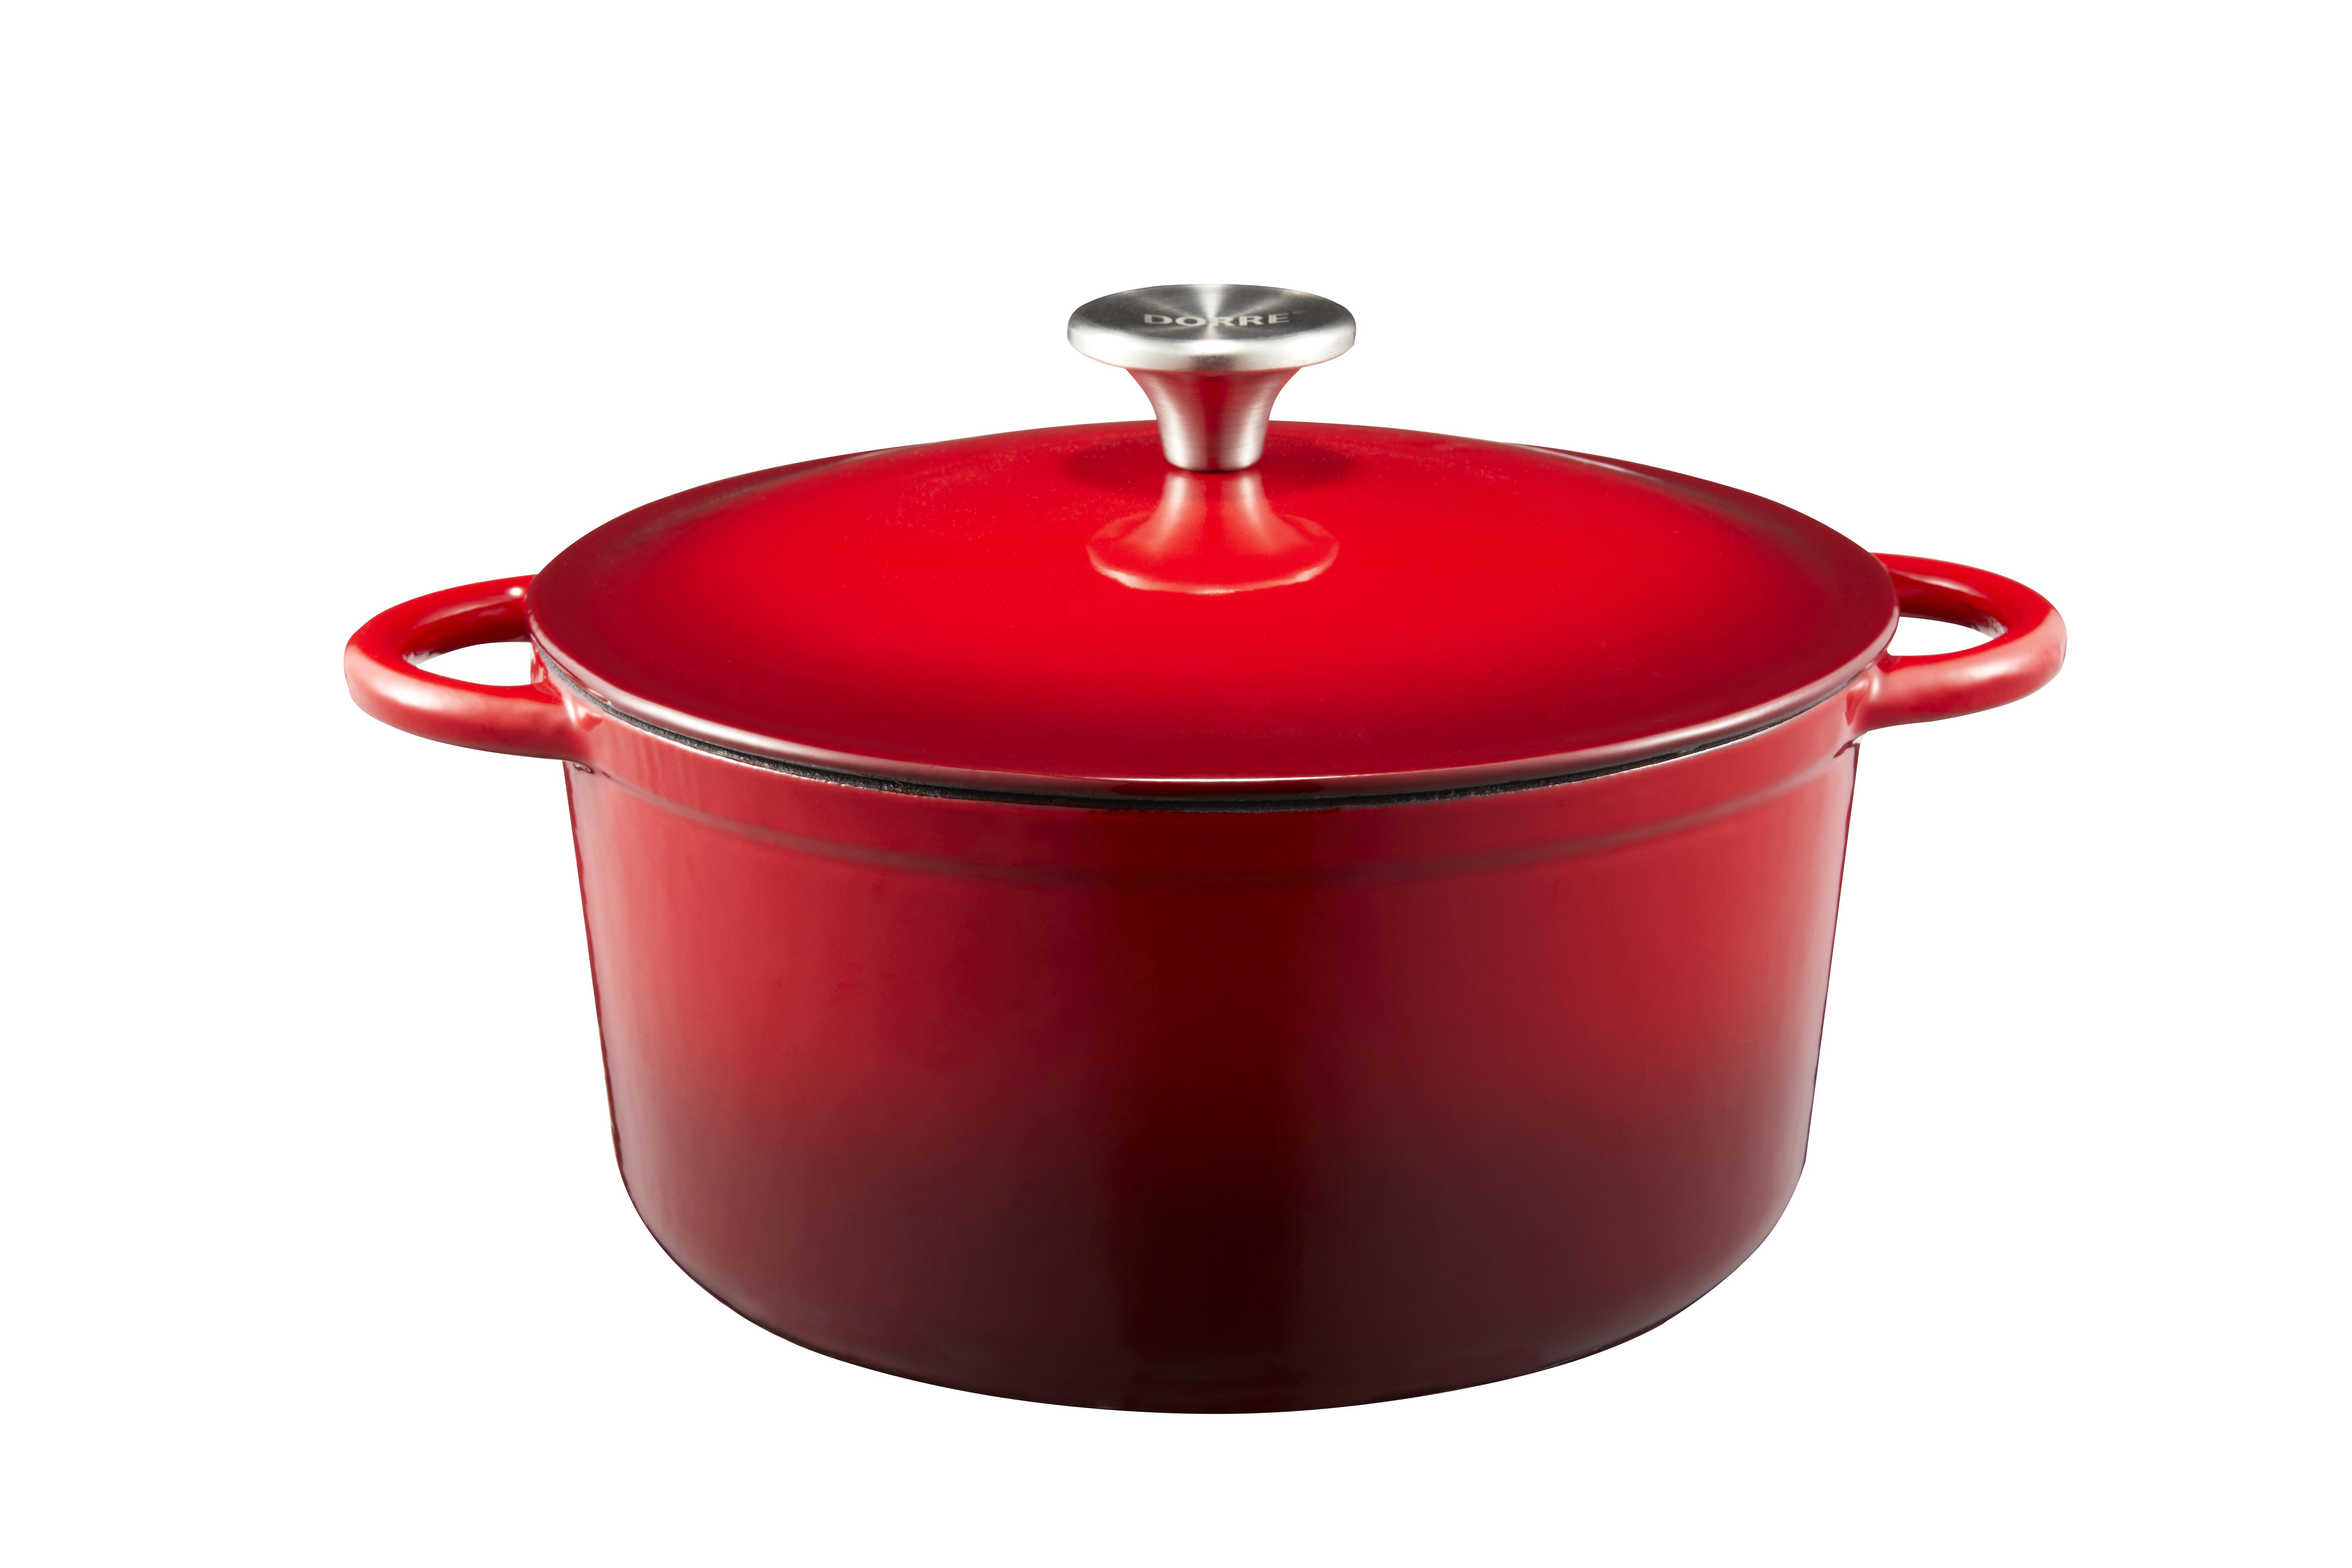 Gretl Gjutjärnsgryta rund röd emalj knopp rostrfritt stål 4 liter